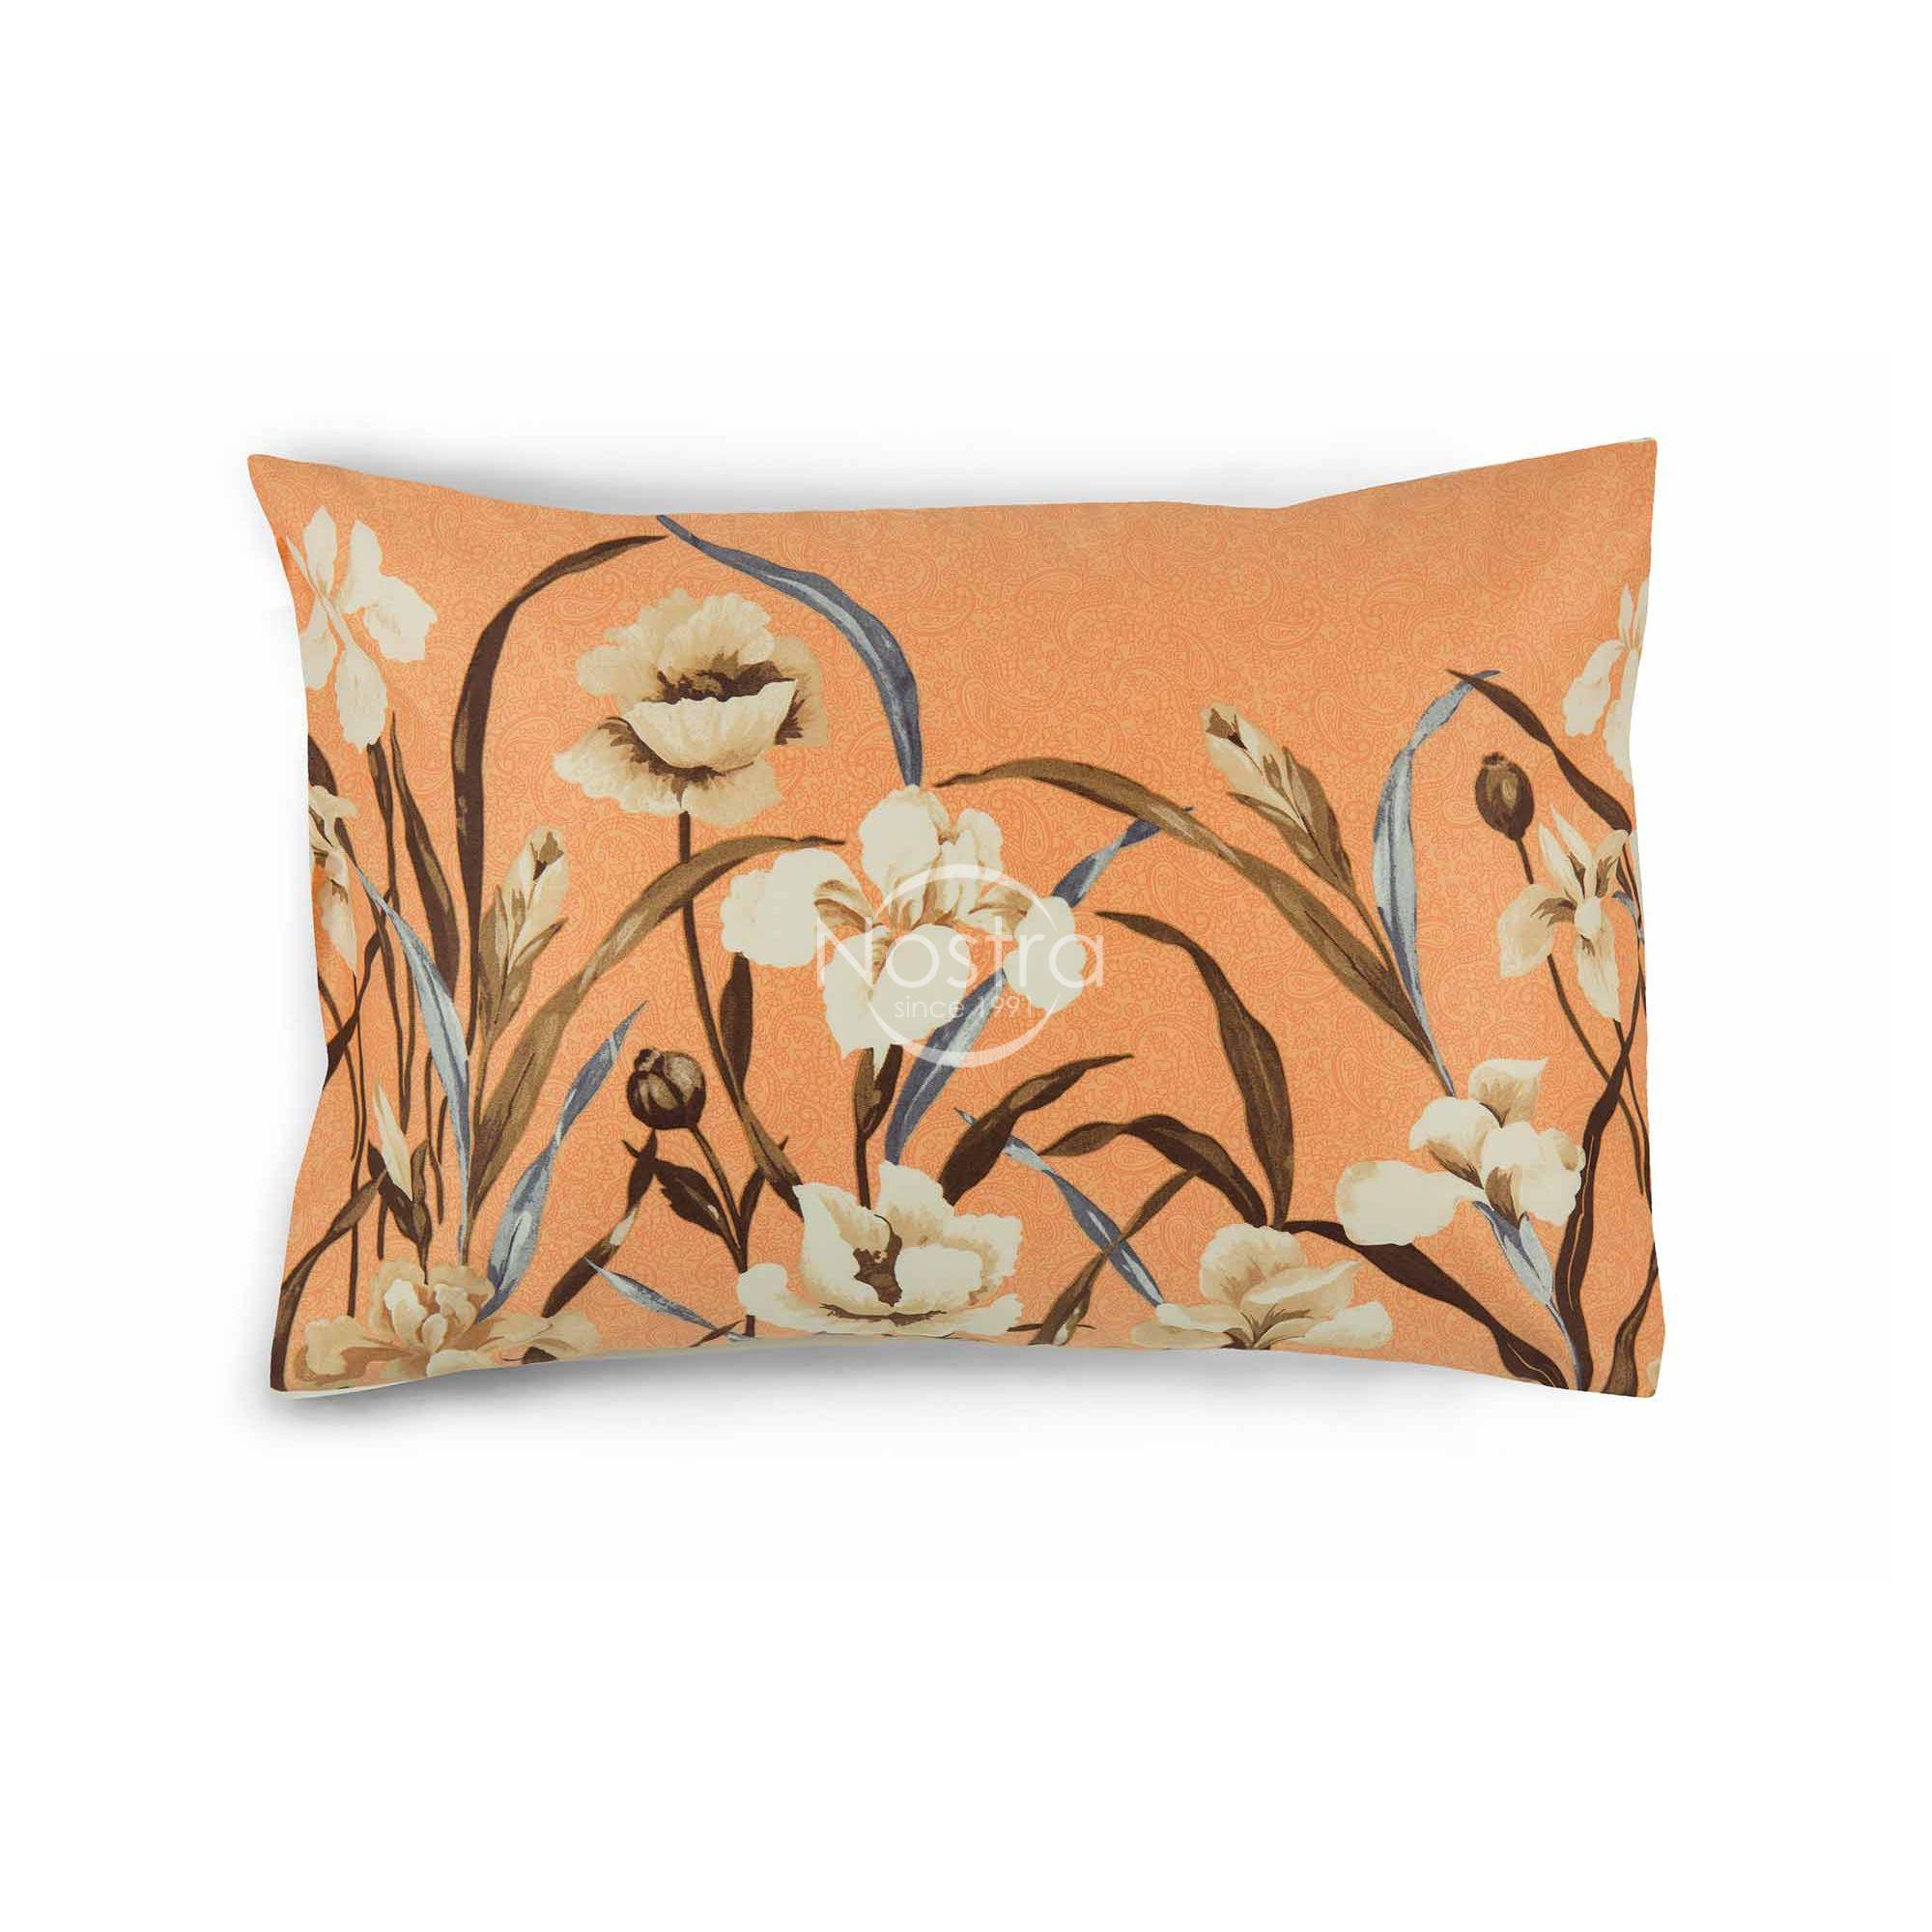 Satino pagalvės užvalkalas 20-1498-PEACH 50x70 cm